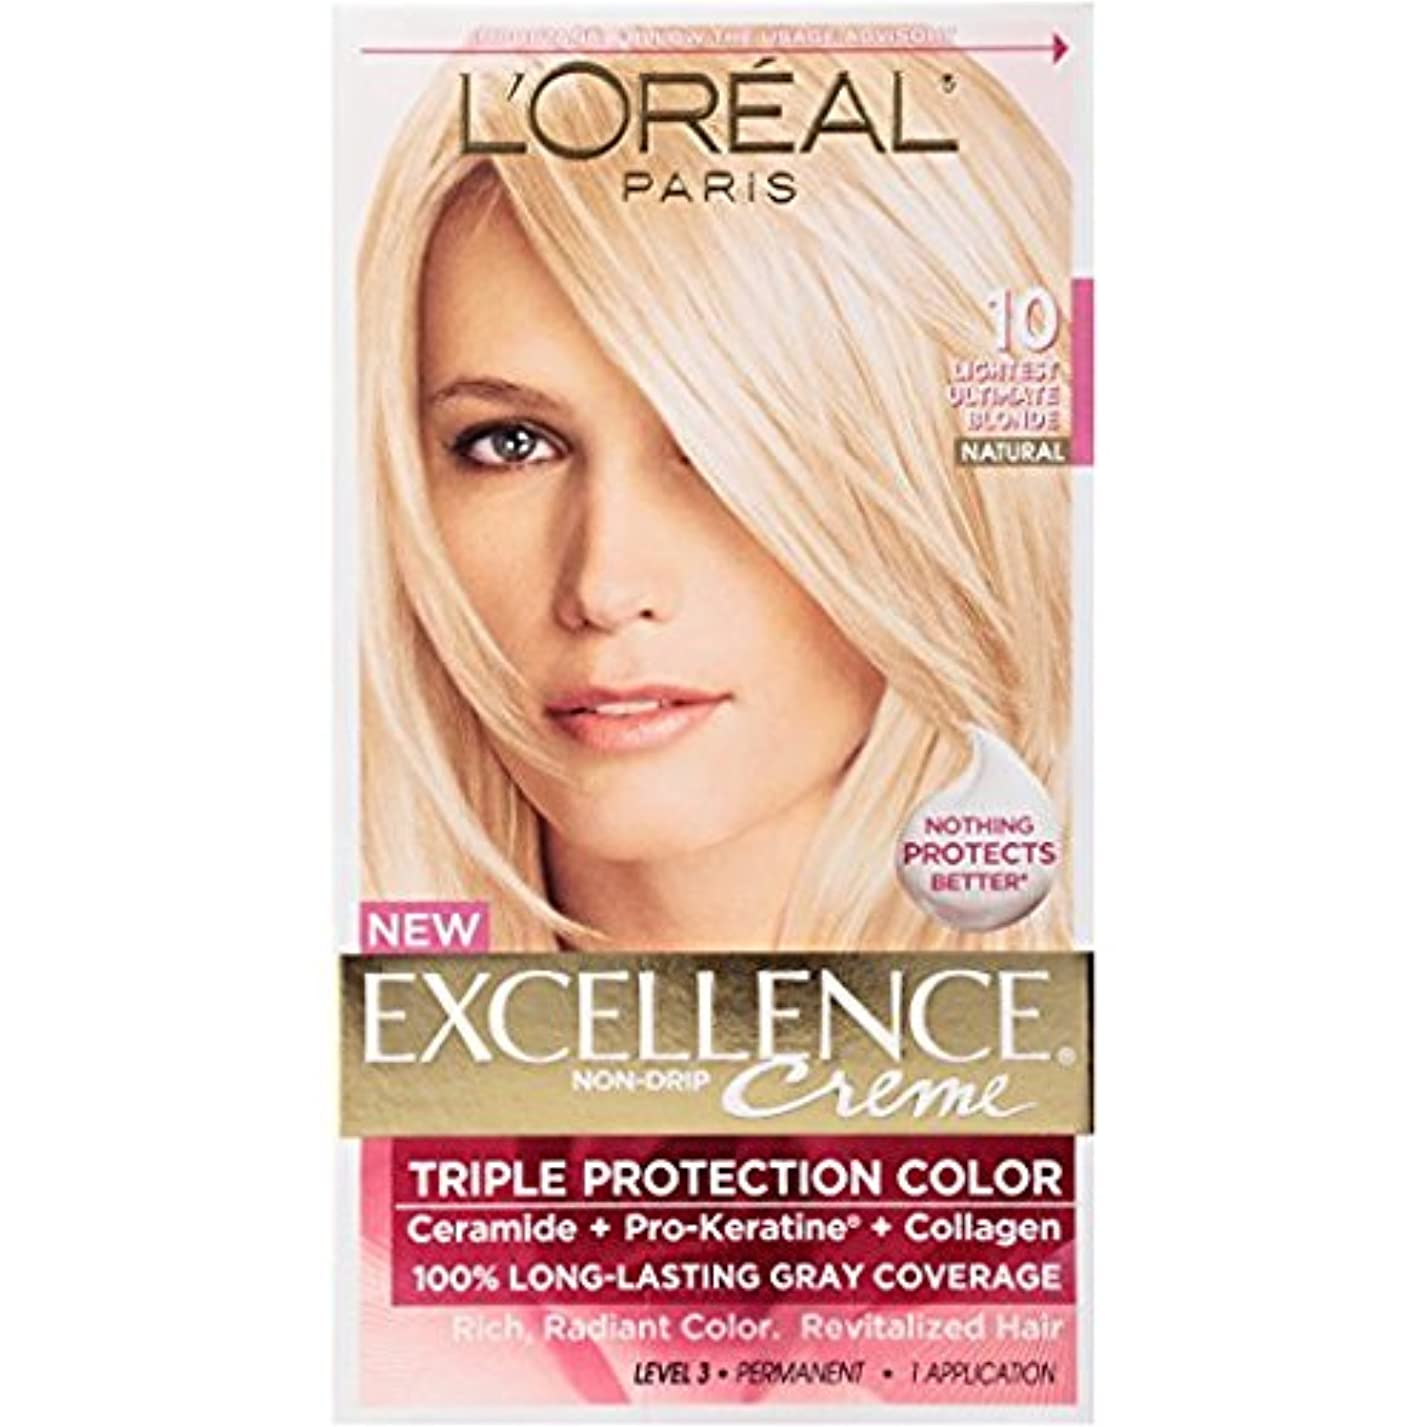 最も旧正月多様性ロレアル L'Oreal Paris Excellence Creme Pro - Keratine 10 Light Ultimate Blonde ブロンド ヘアダイ [並行輸入品]